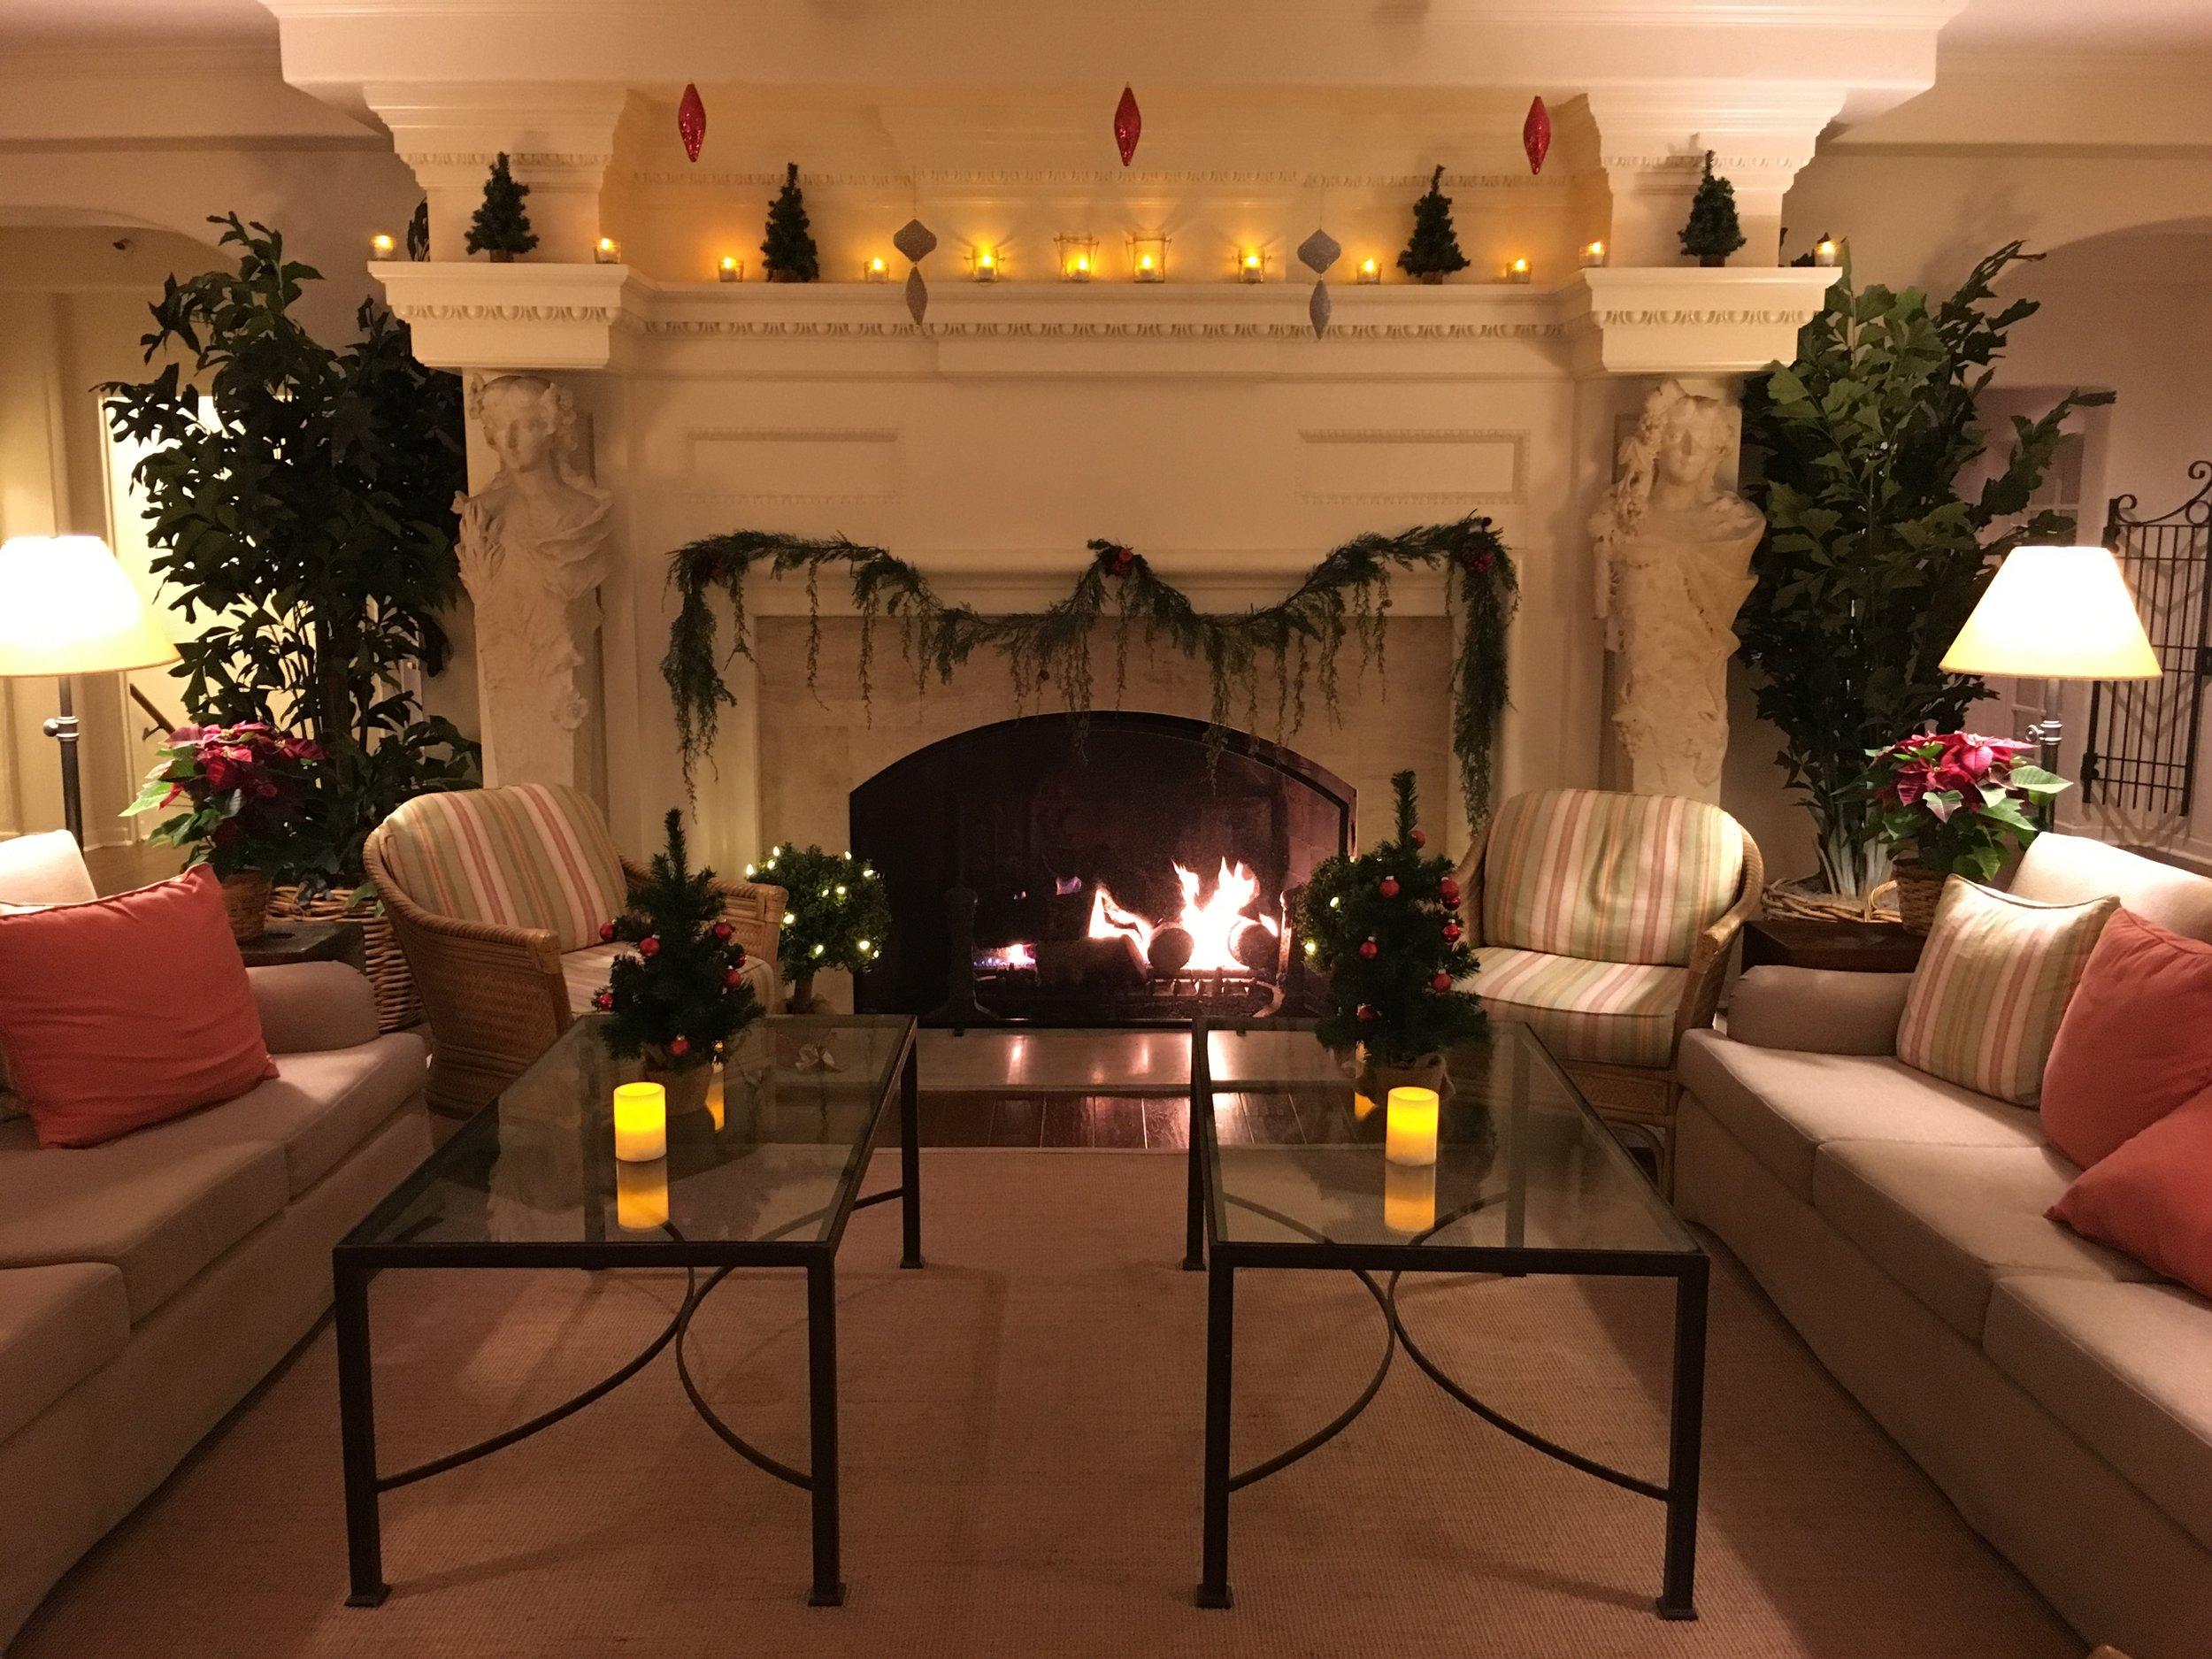 Crédit photo : Jaime Damak Le salon à l'hôtel La Playa Carmel-by-the-Sea, très « cozy »